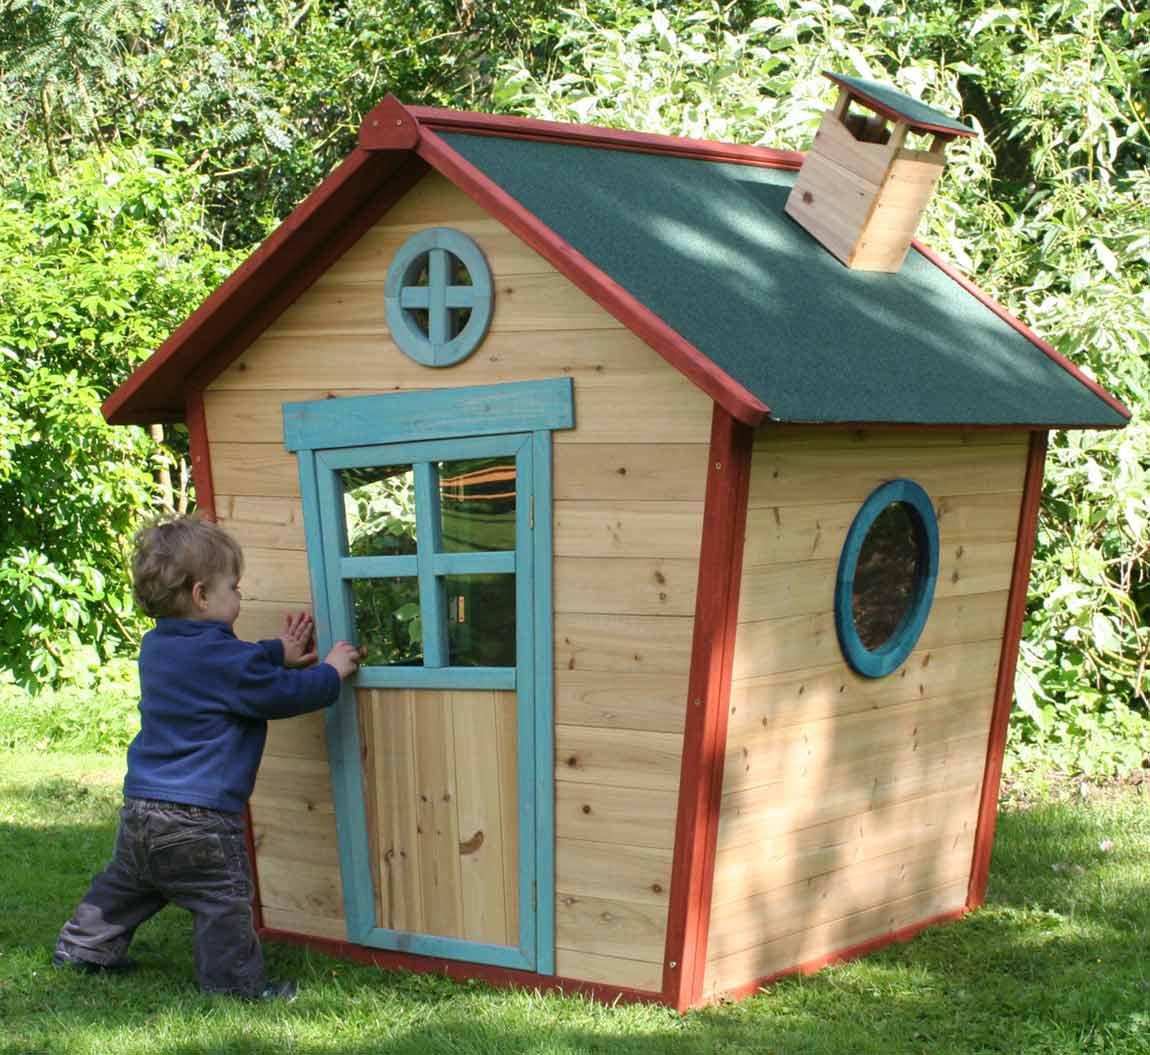 Домик для детей своими руками. Фото. Складной домик для детей 77